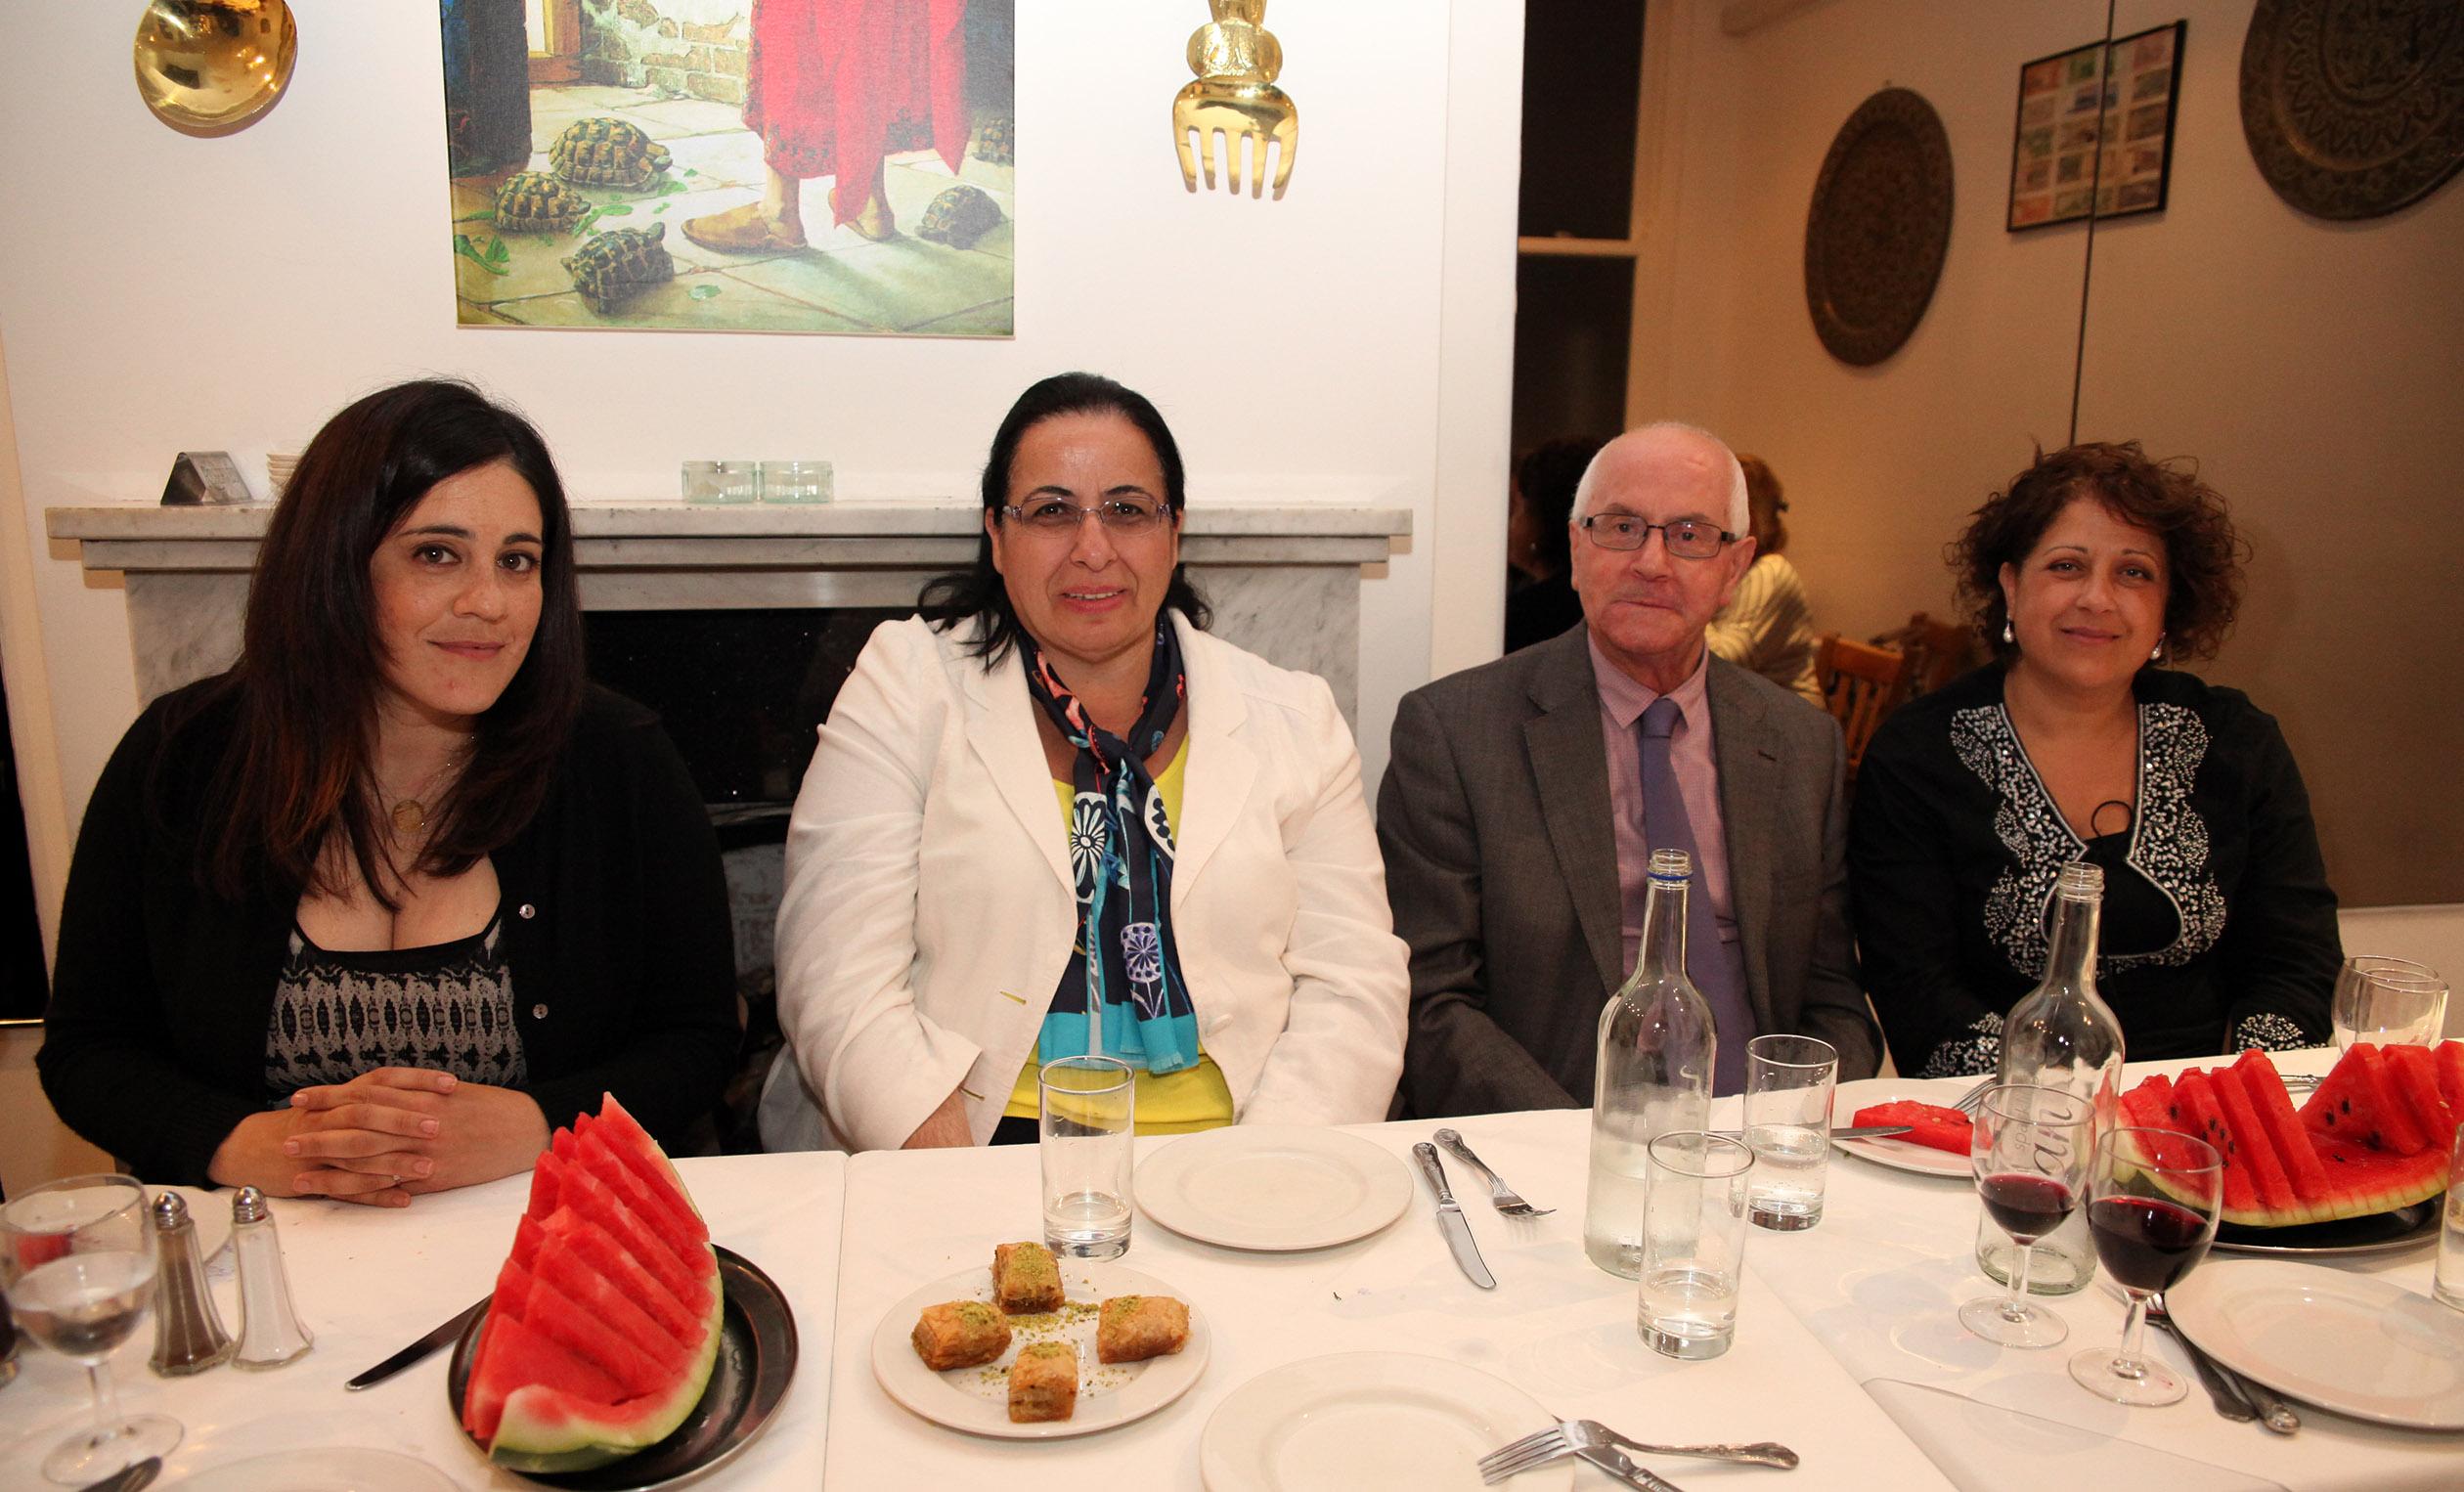 KKTC temsilci Oya Tuncalı ve meclis üyeleri